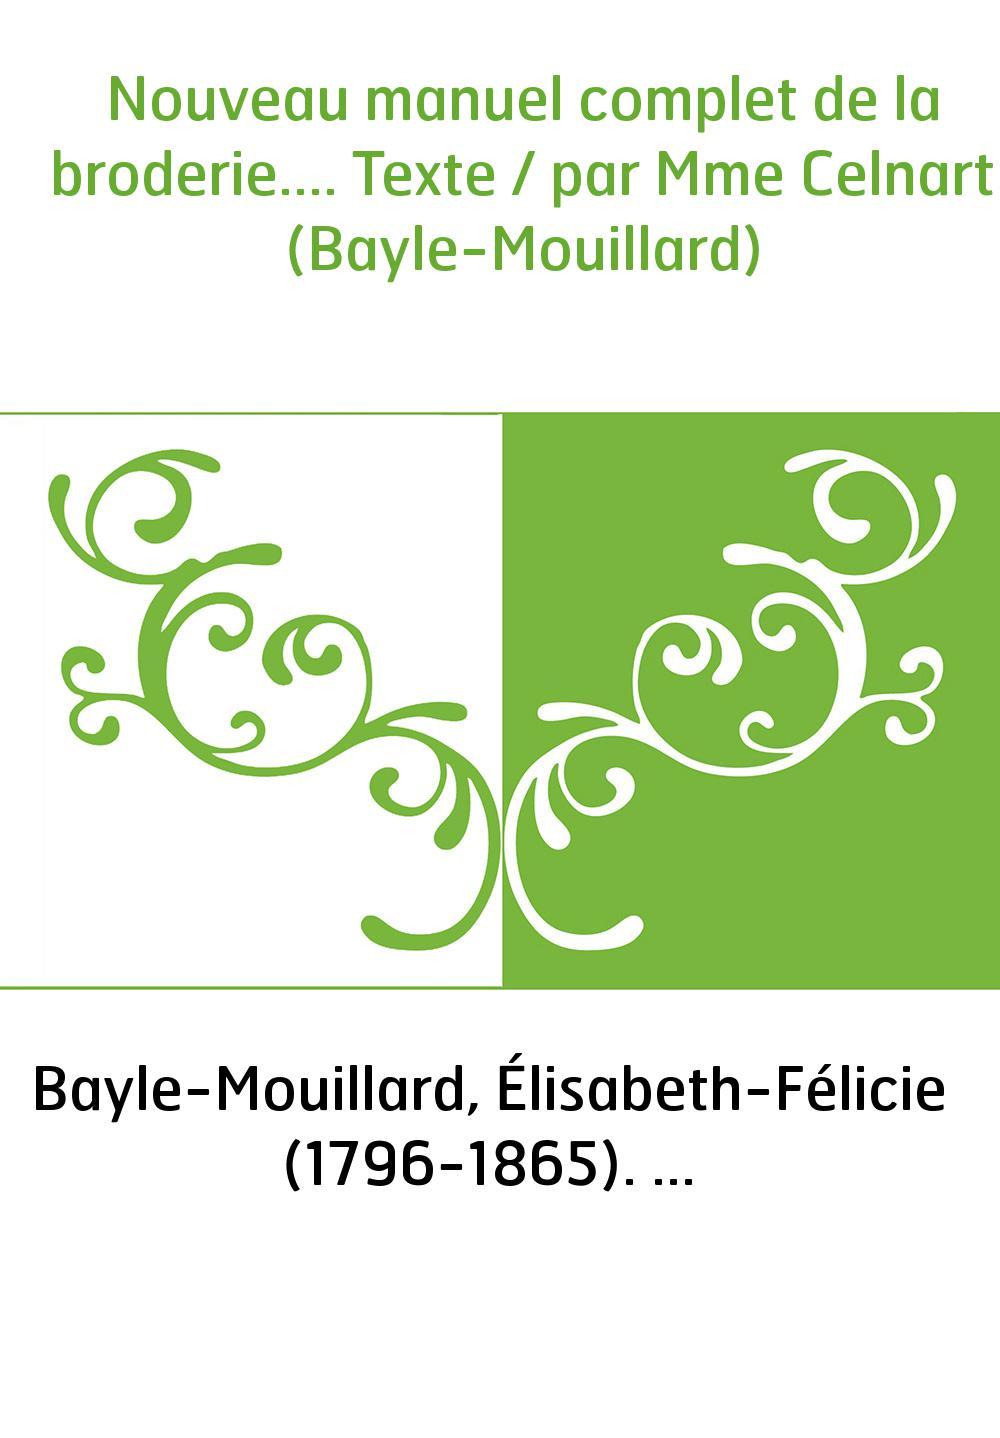 Nouveau manuel complet de la broderie.... Texte / par Mme Celnart (Bayle-Mouillard)